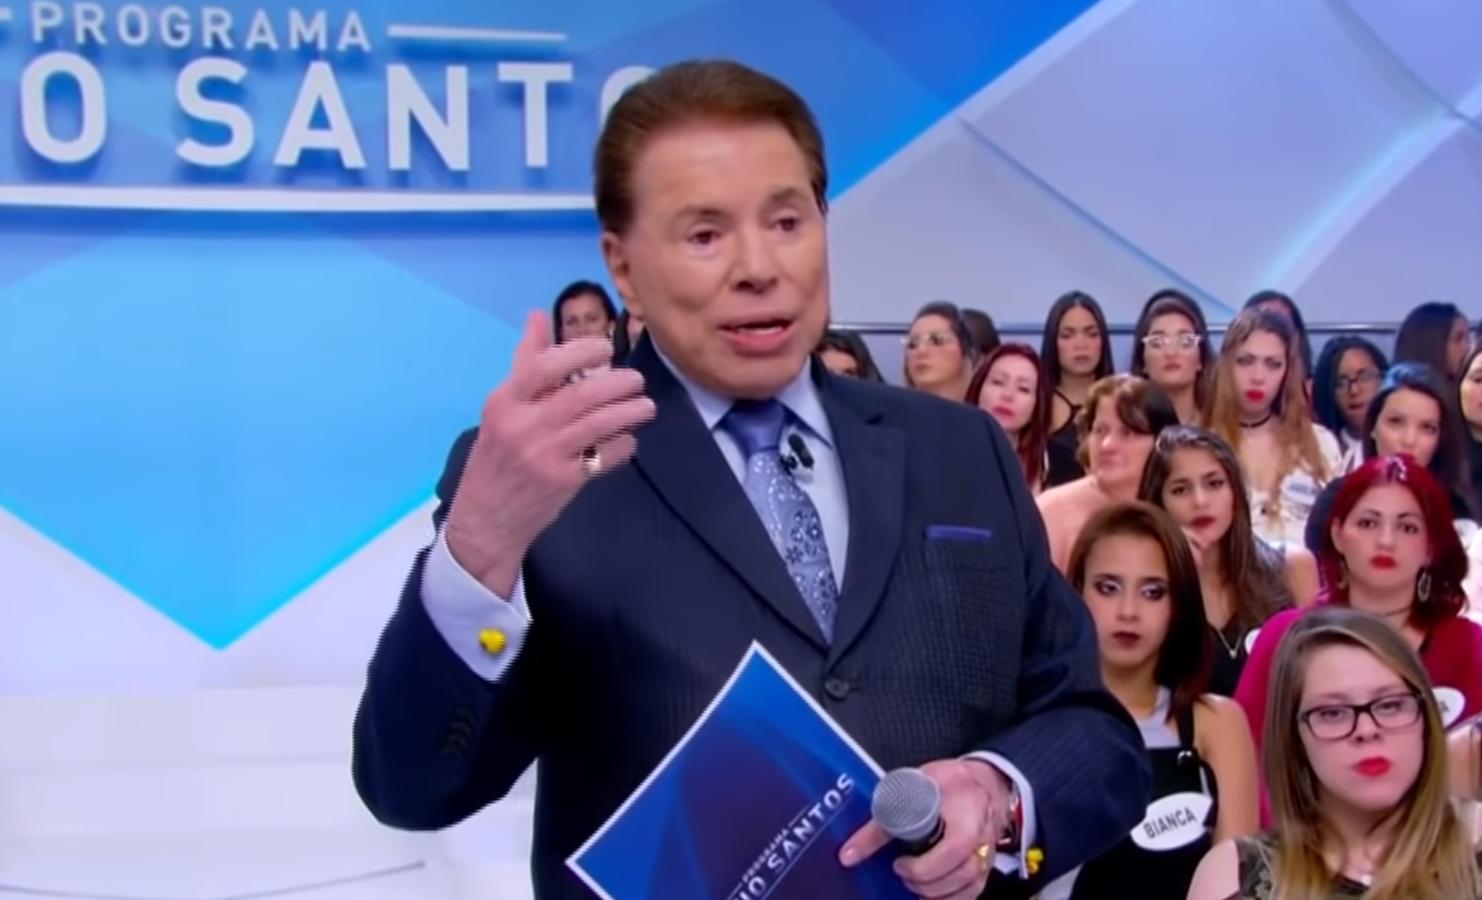 O apresentador Silvio Santos deve ser diagnosticado com doença em 2020 (Foto: Reprodução)